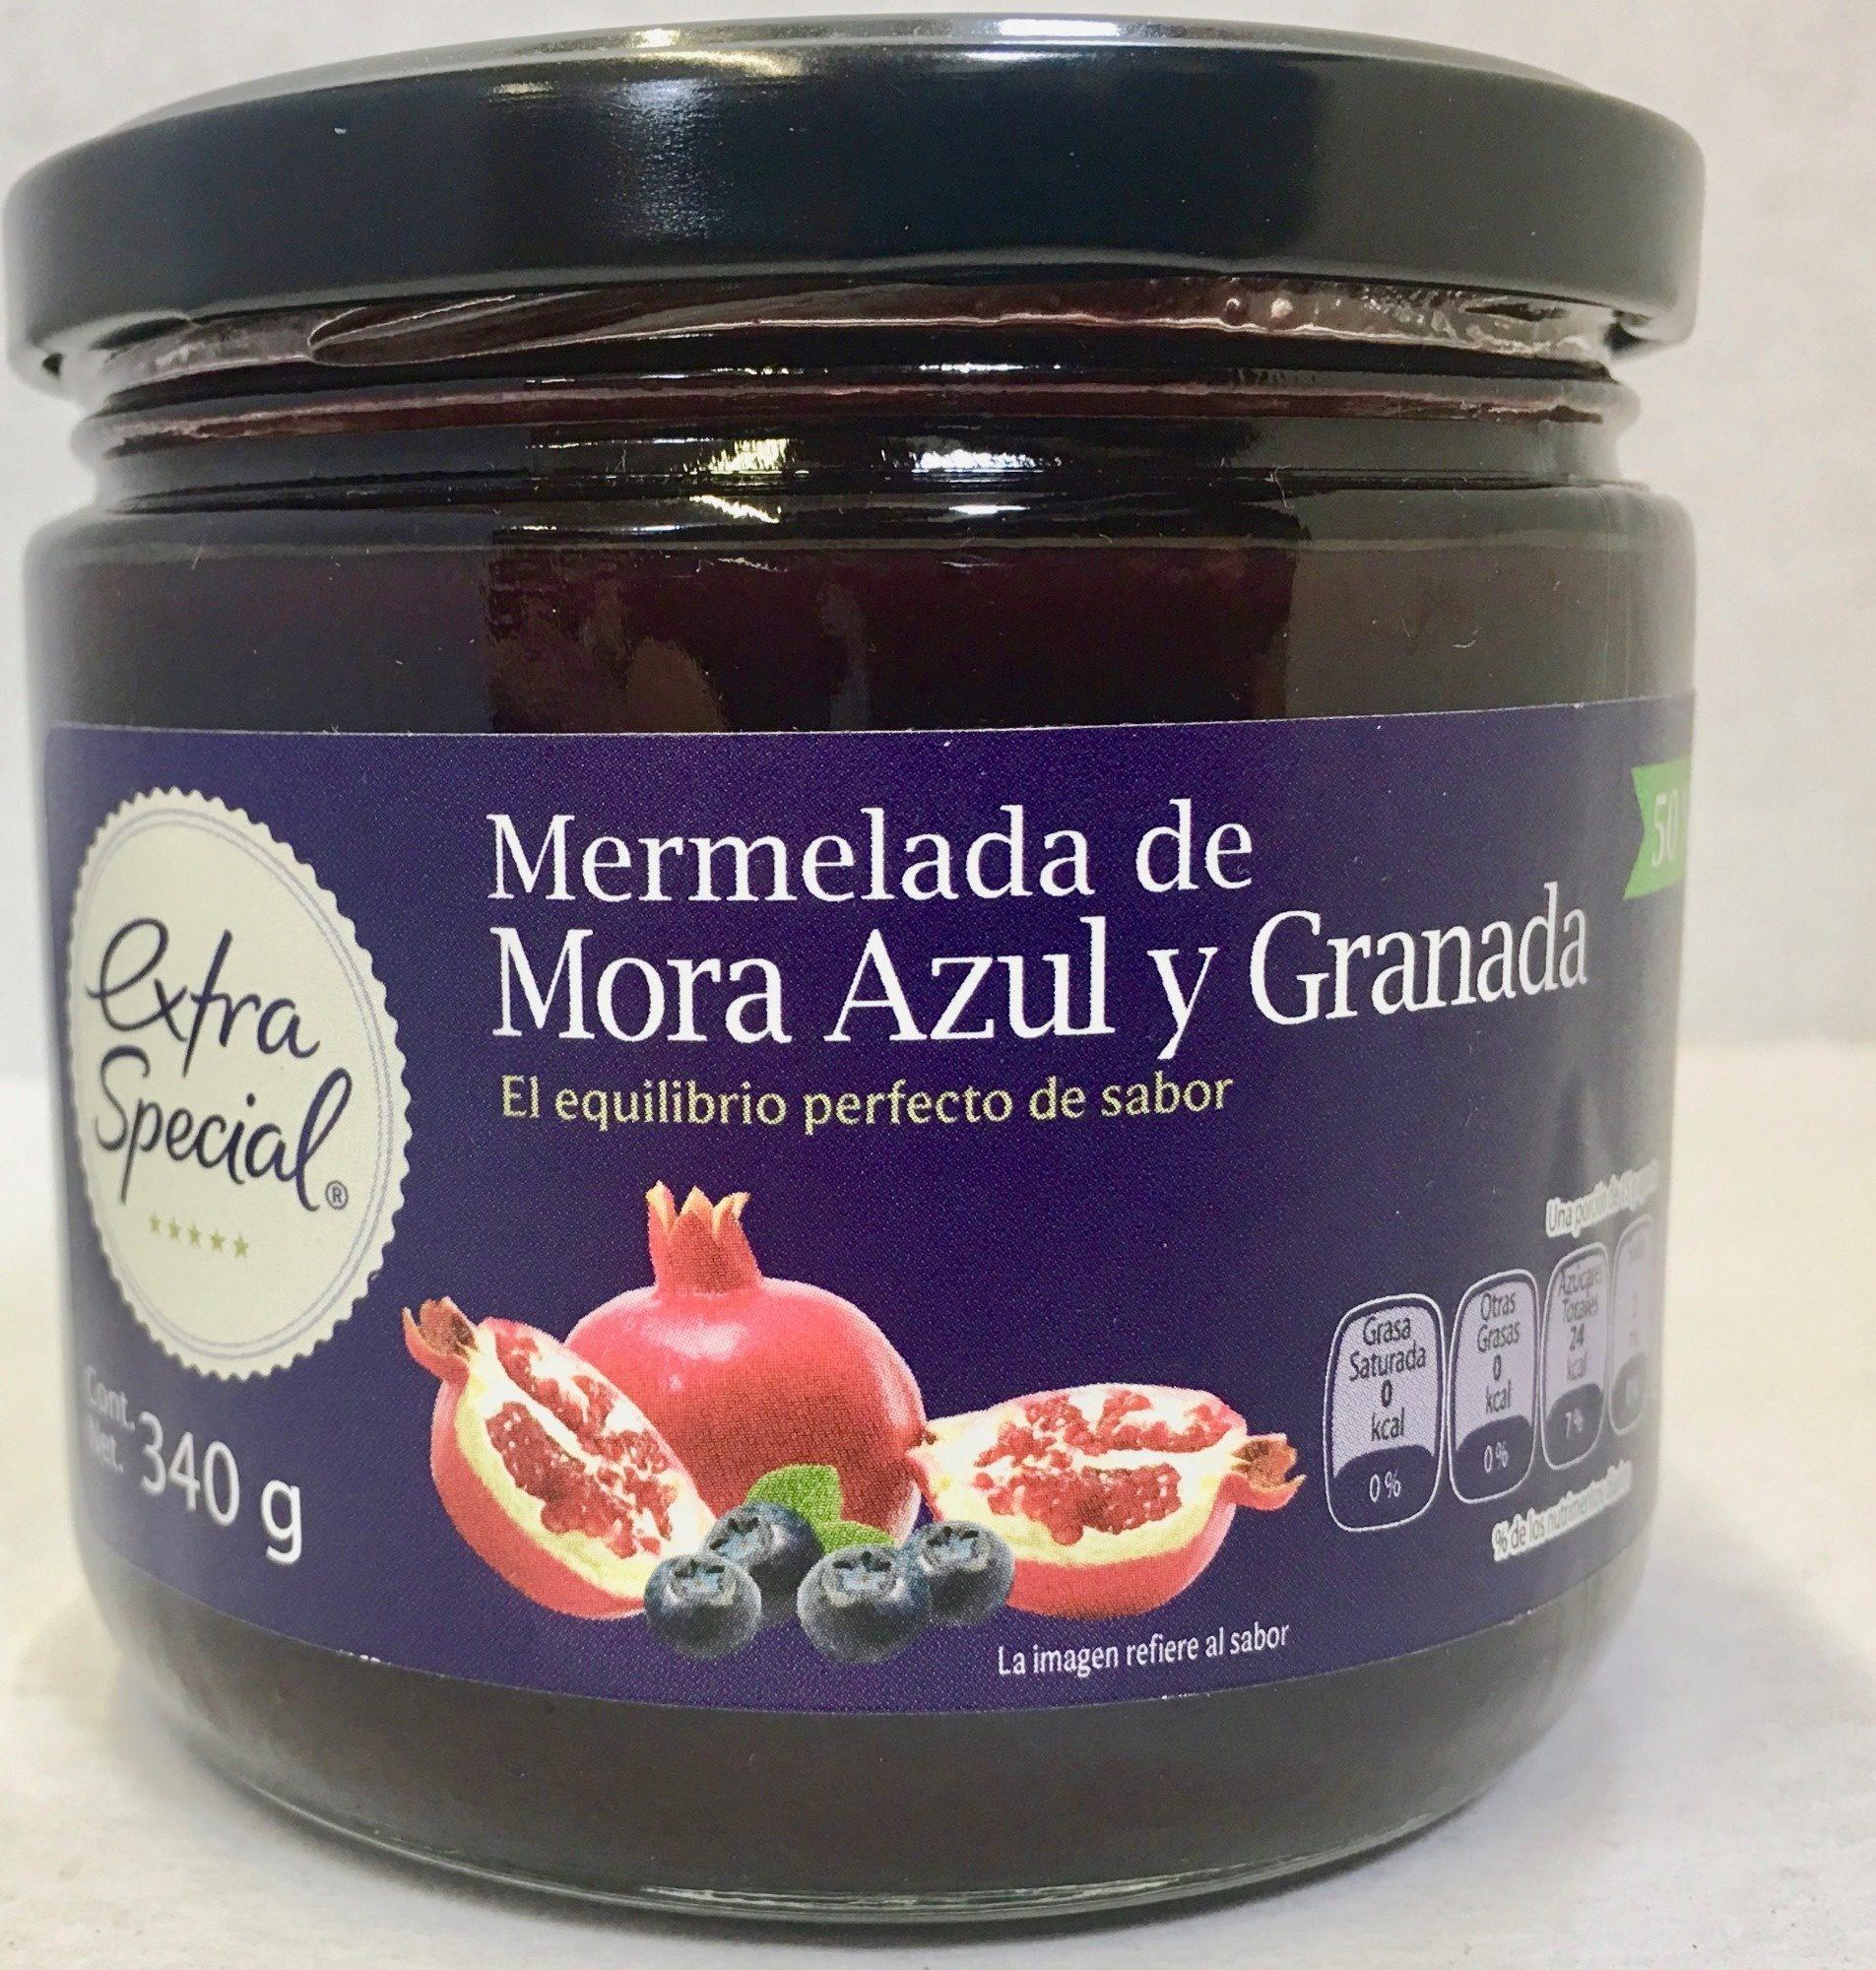 MERMELADA DE MORA AZUL Y GRANADA - Product - es